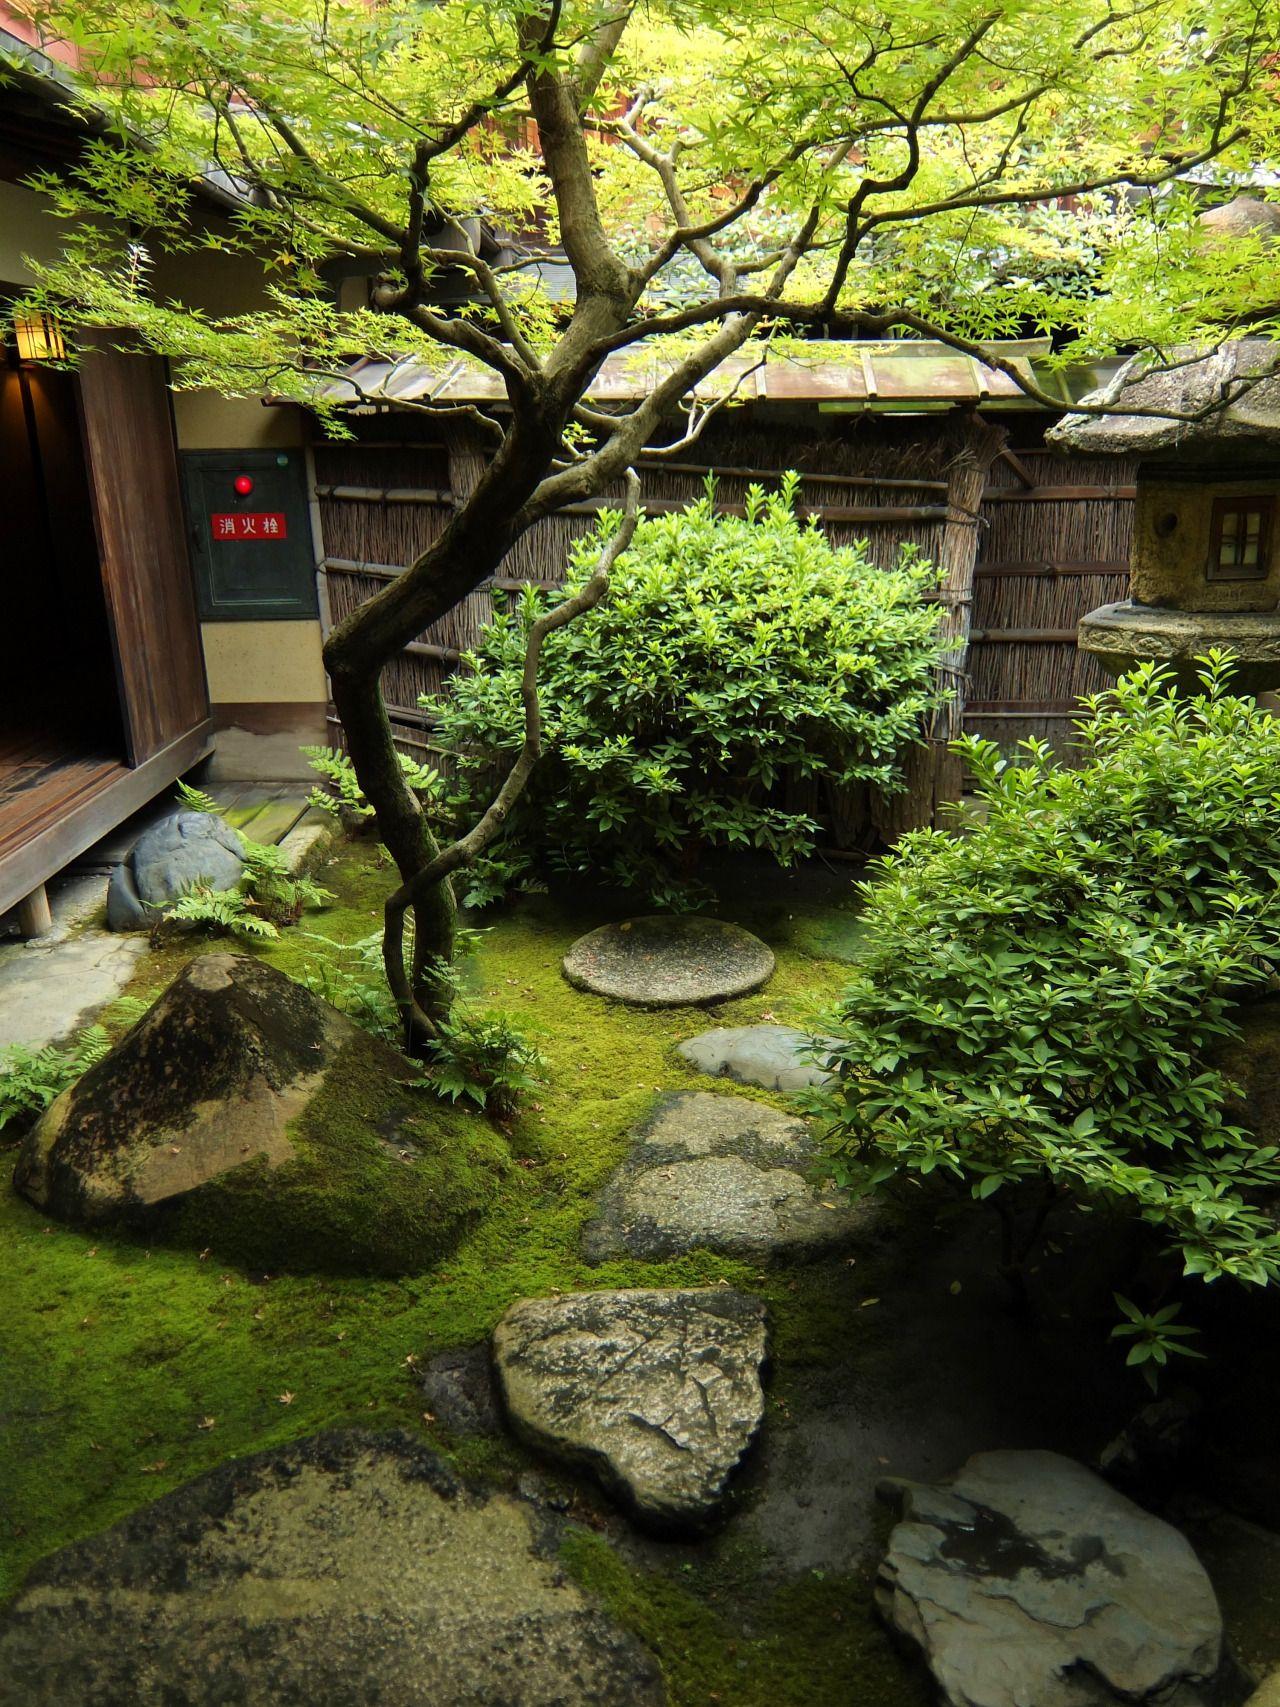 Japanese Garden In Sumiya Shimabara Kyoto Japan 2014 400 x 300